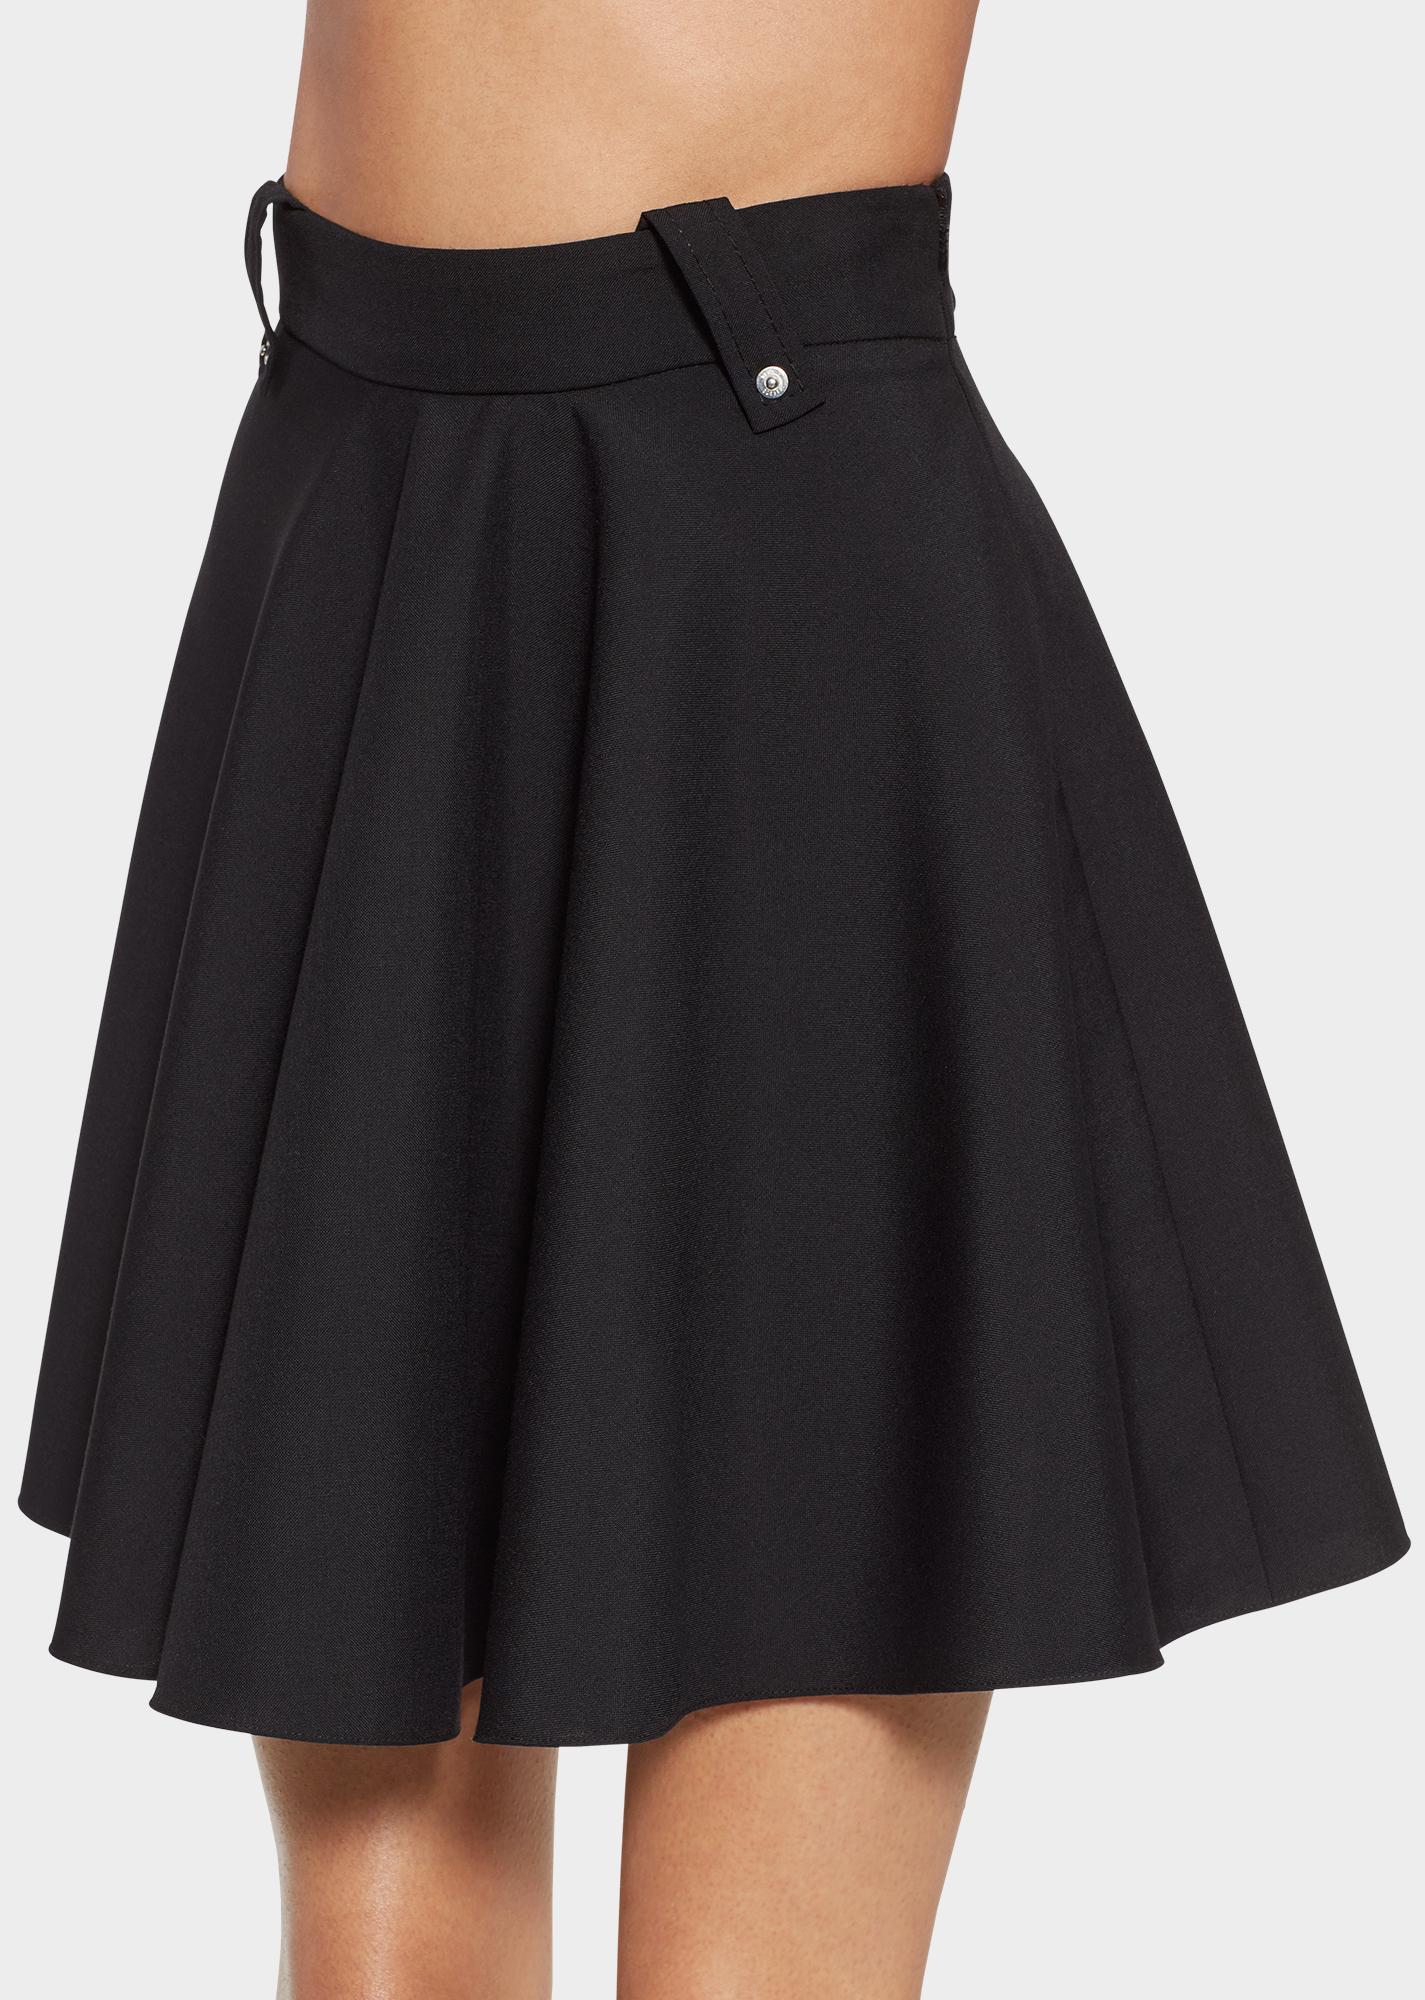 c30c4701ed Versus Versace Wool Blend Skater Skirt for Women